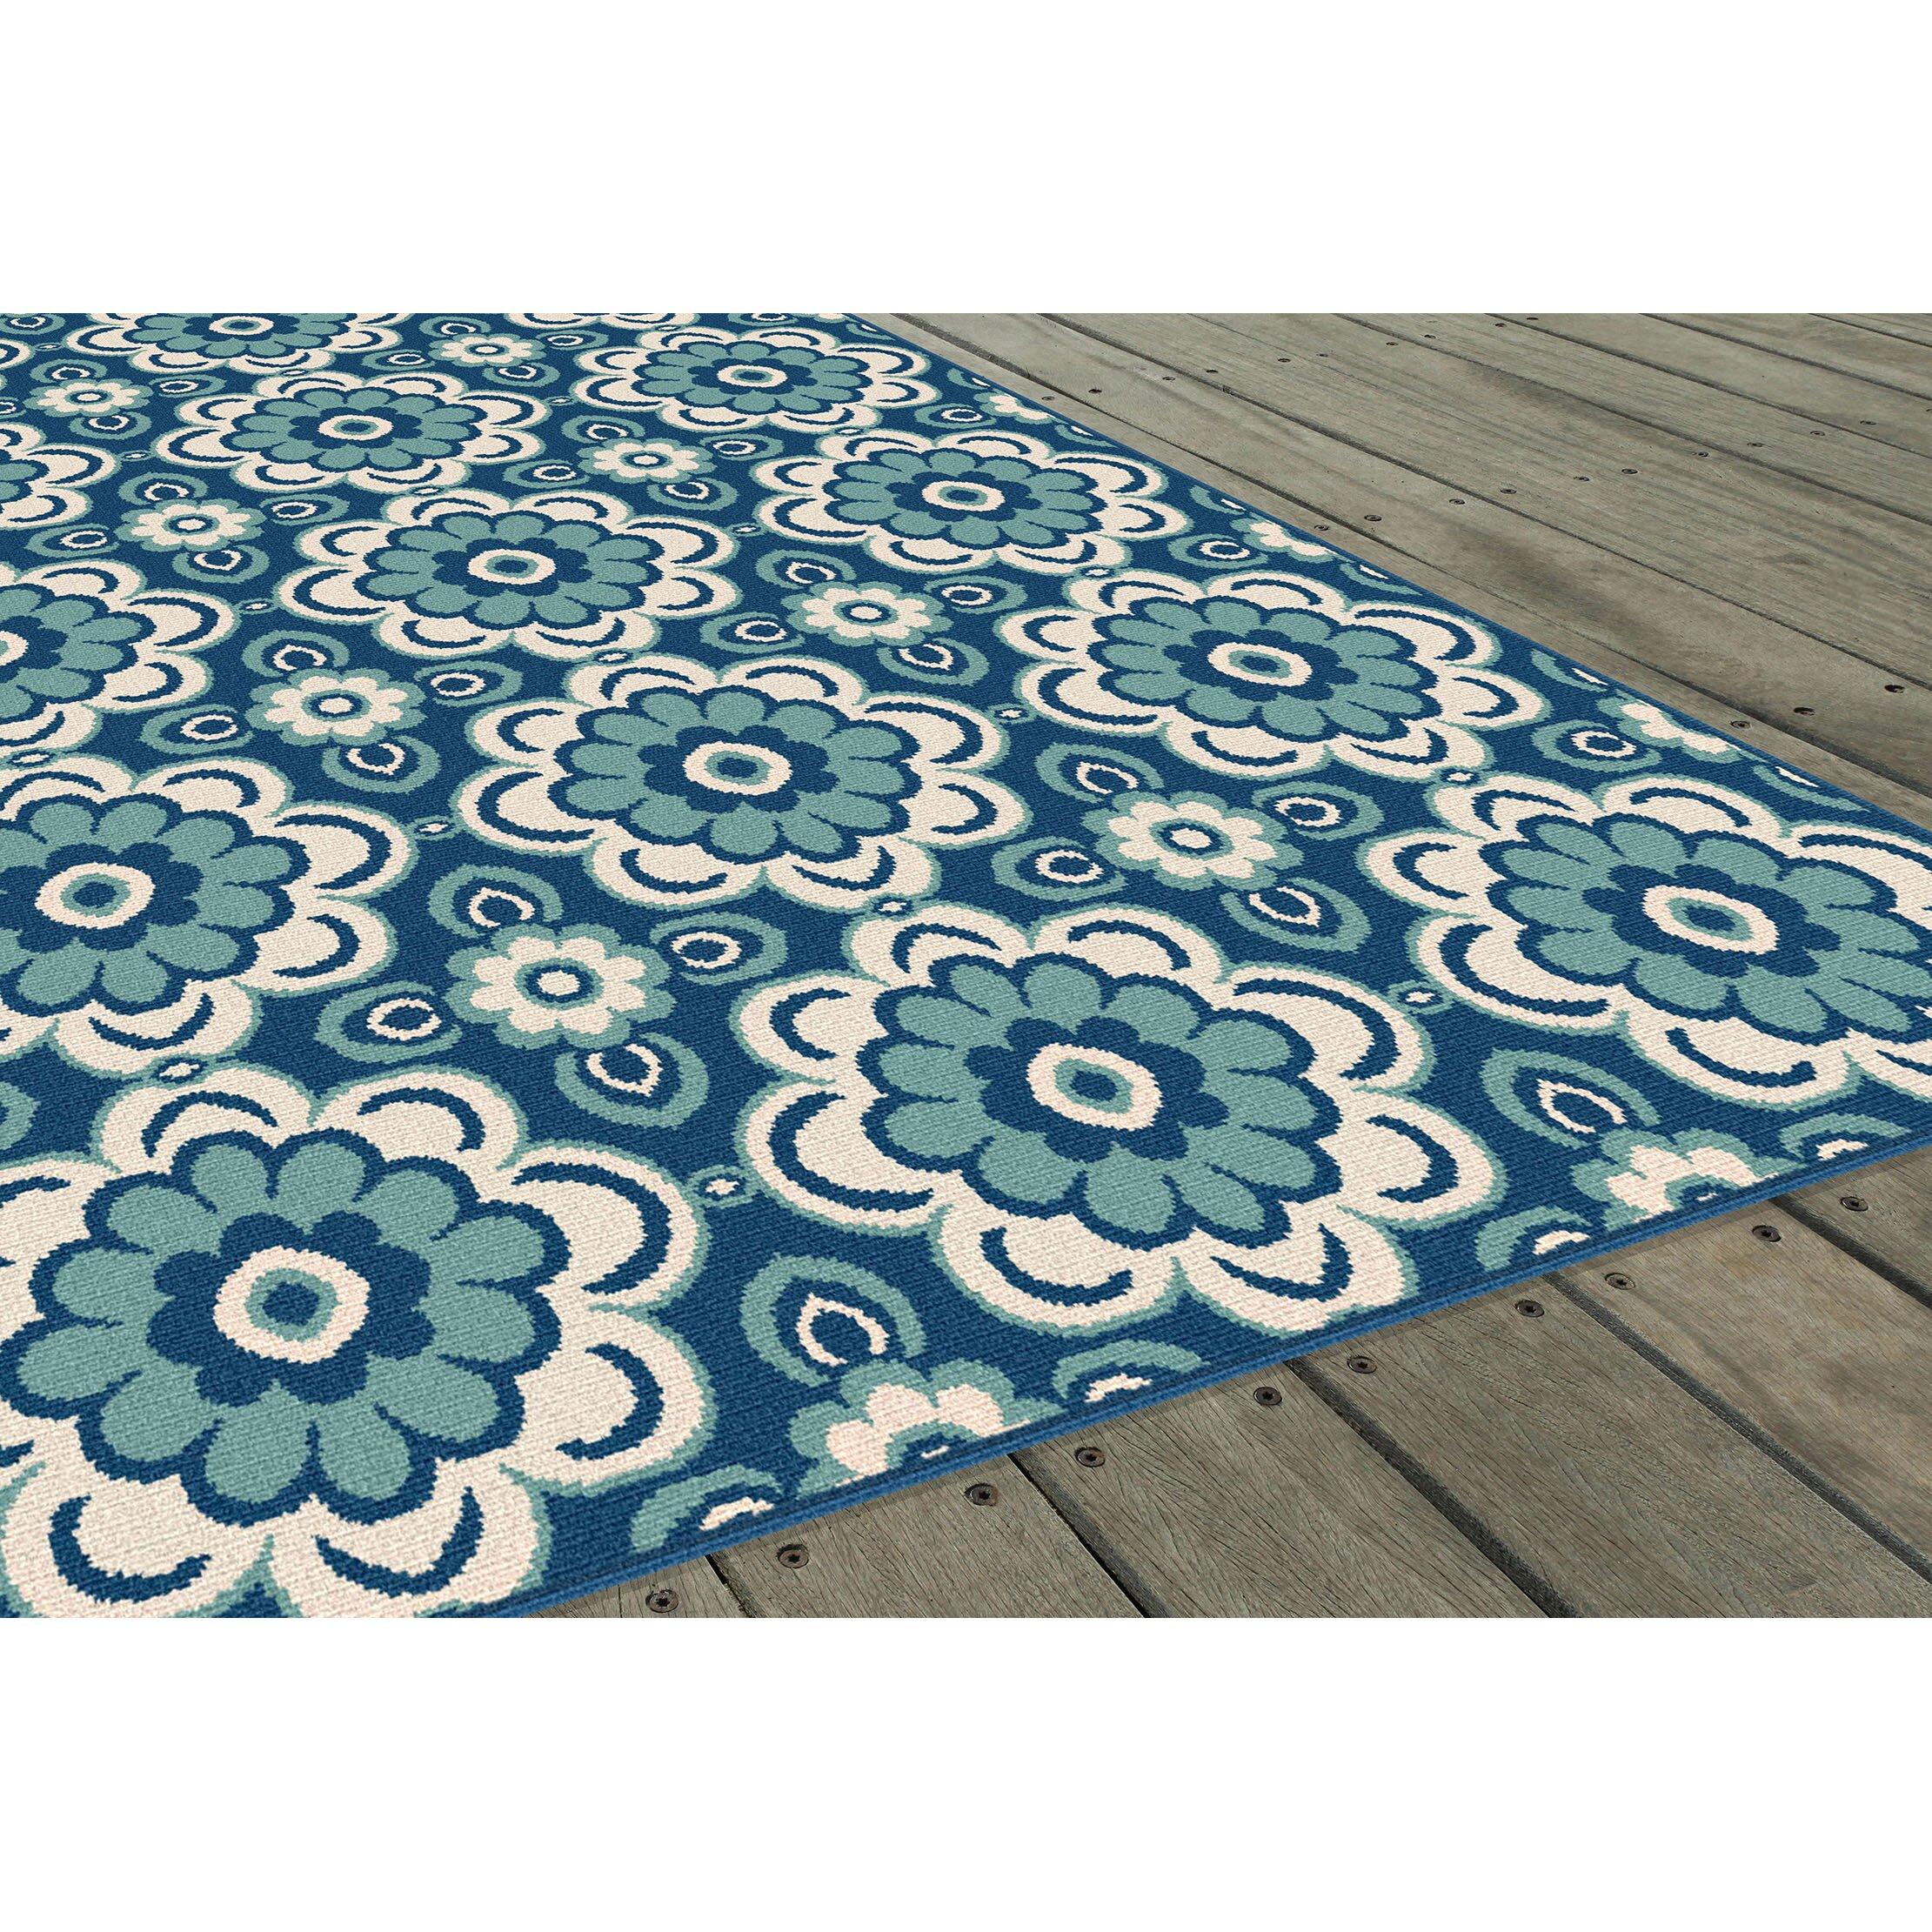 Threadbind fairhaven blue indoor outdoor area rug for Landscape indoor area rug